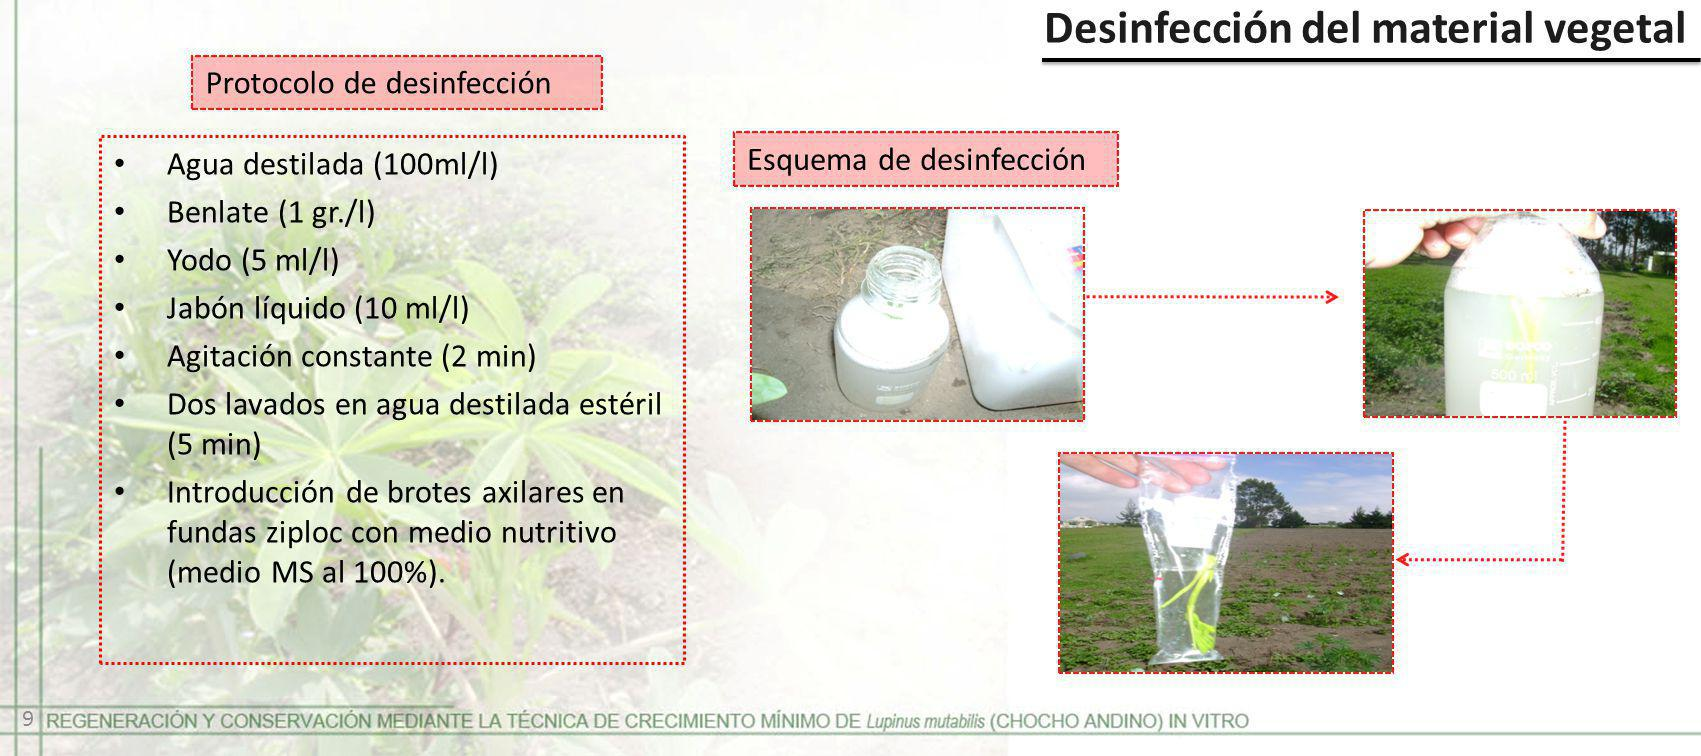 Desinfección del material vegetal